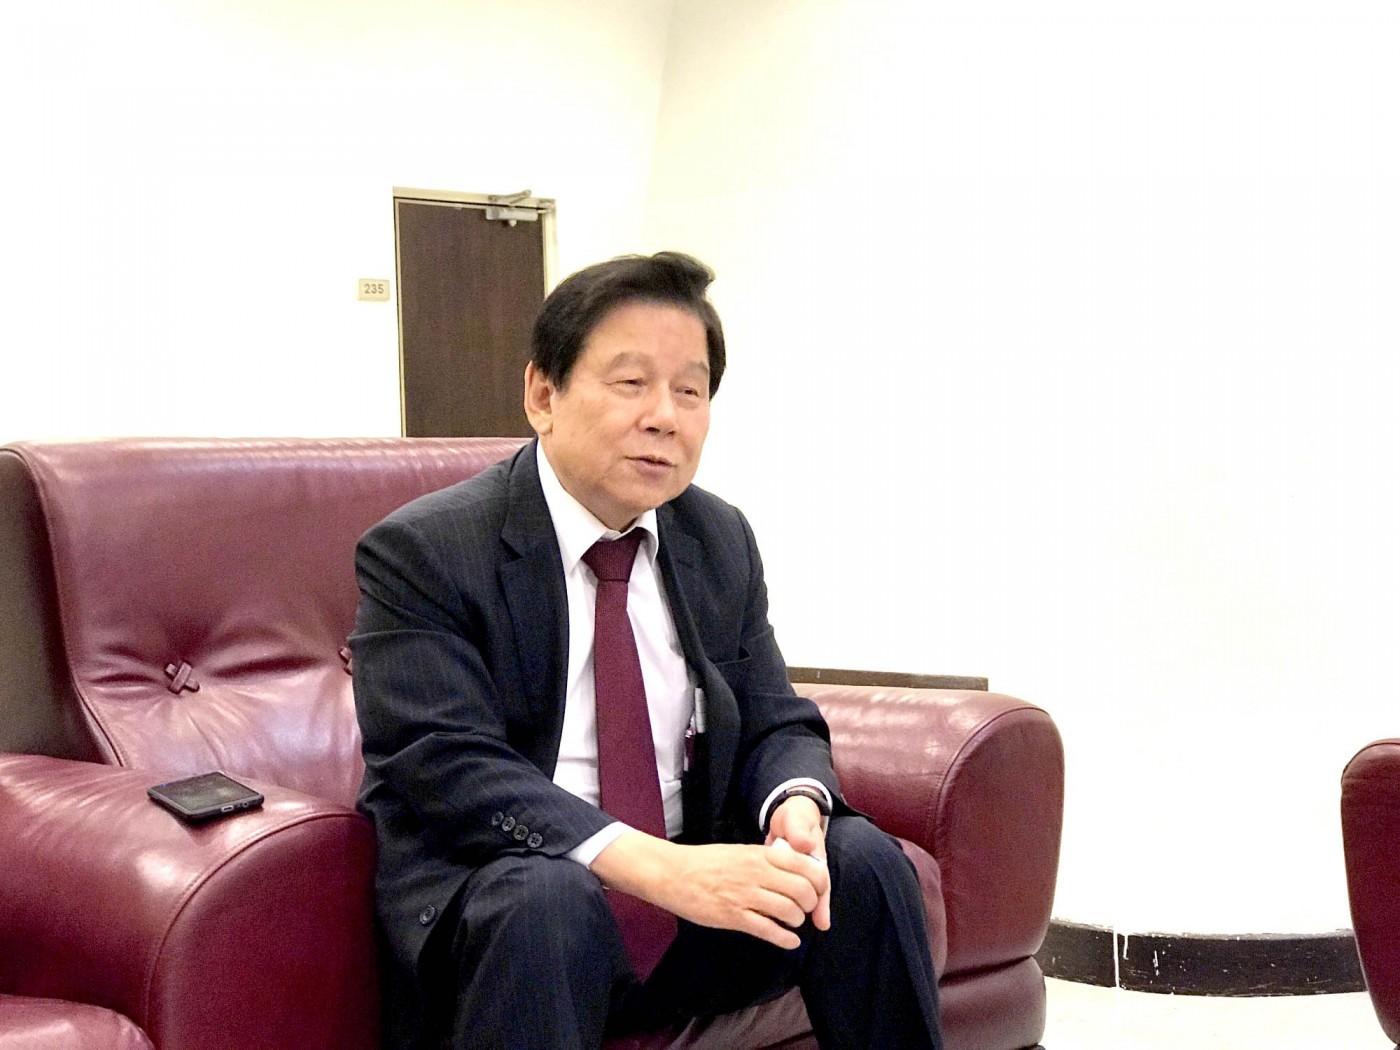 零包袱!「樂天國際」誓奪執照,國票魏啟林:把最成功的純網銀經驗帶進台灣